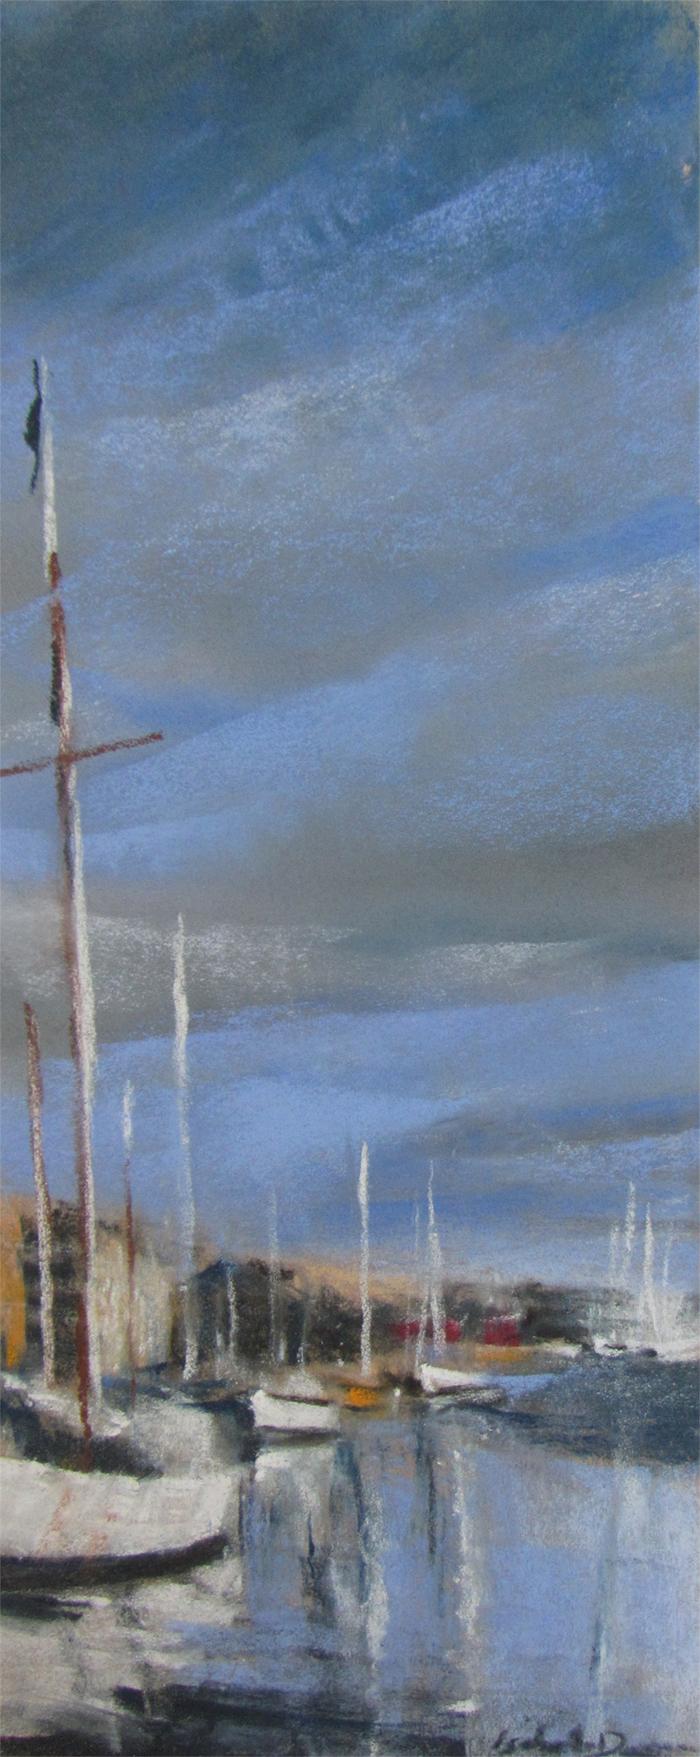 St-Malo - Peinture au pastel sec par l'artiste peintre Isabelle Douzamy - 30x57cm